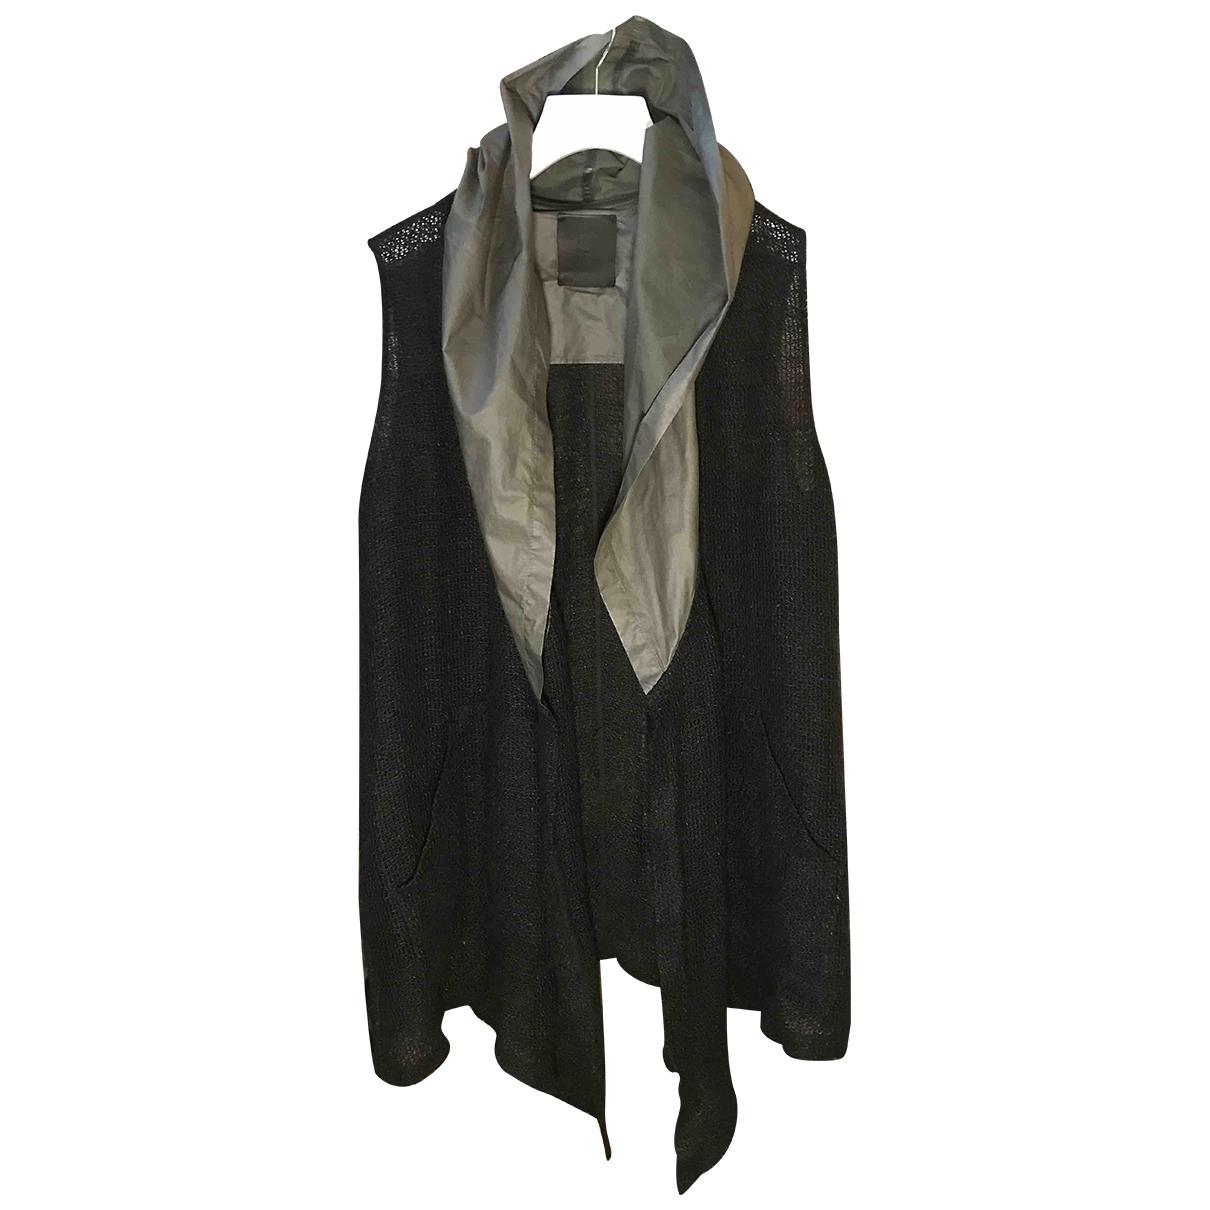 Lost & Found Ria Dunn - Vestes.Blousons   pour homme en laine - noir